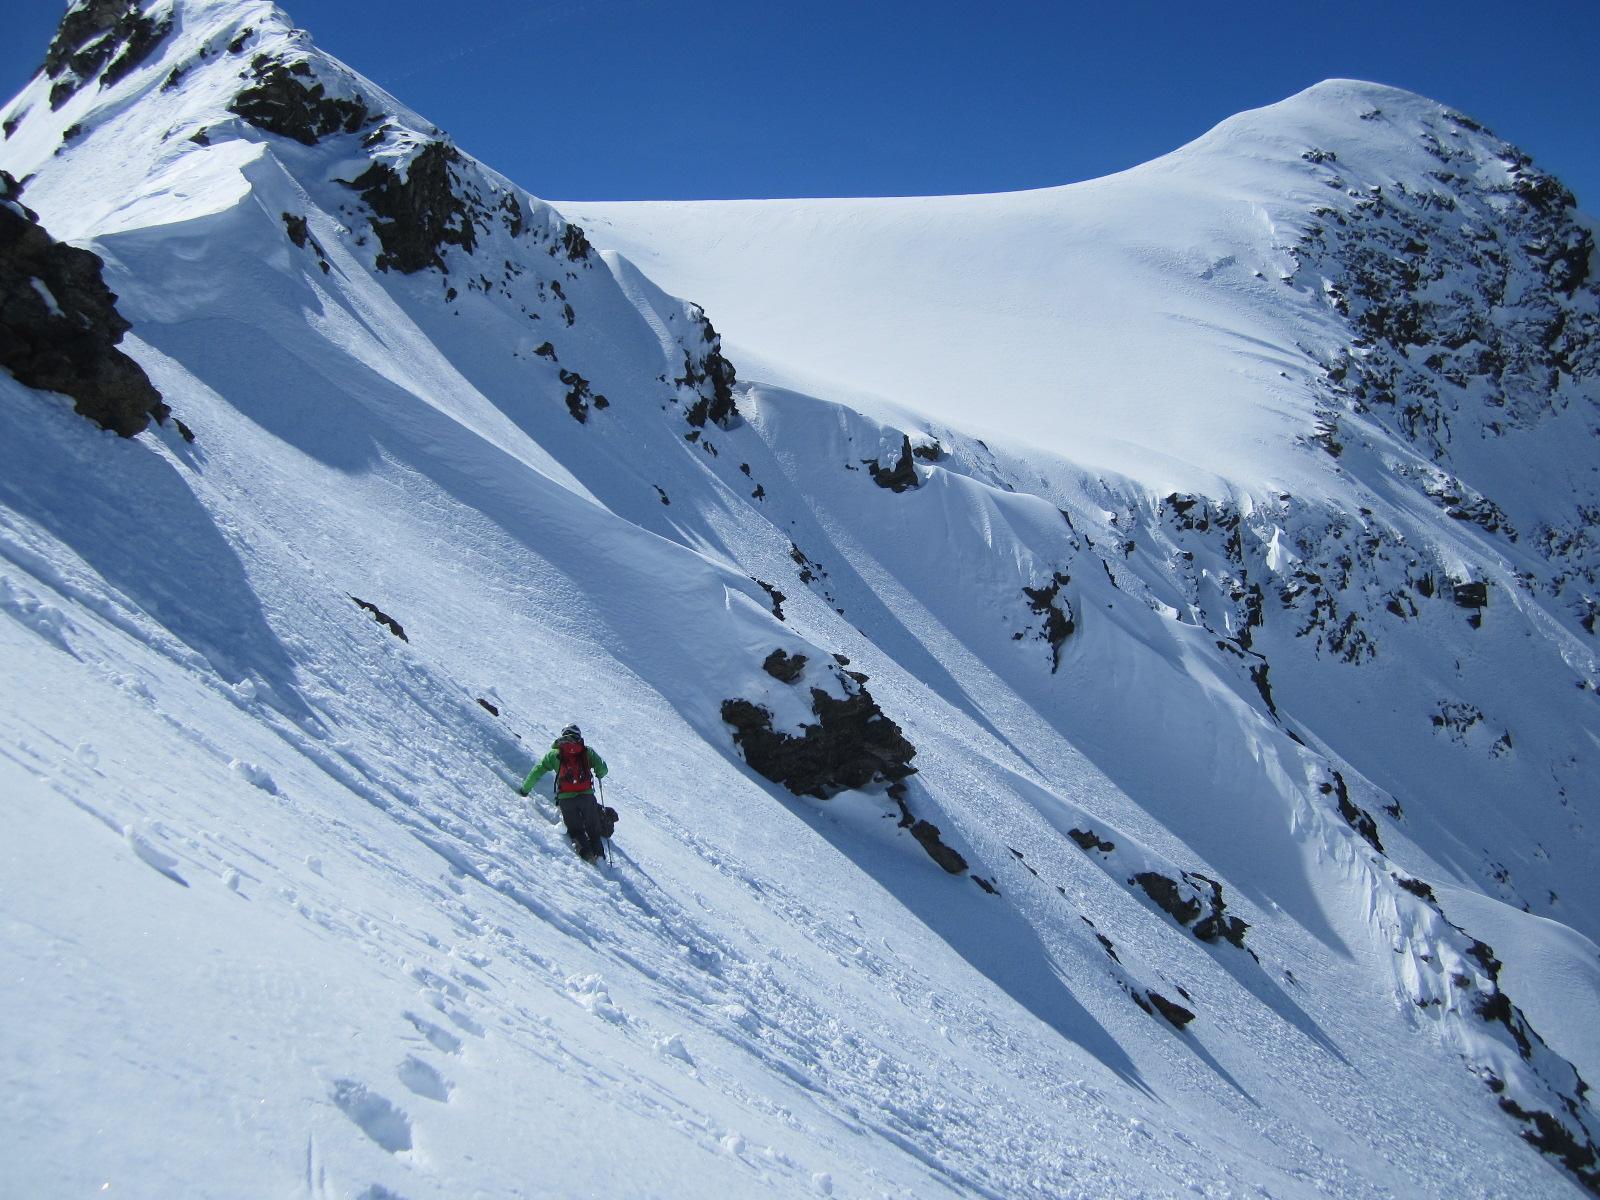 lungo la cresta, sulla dx la nevosa vetta